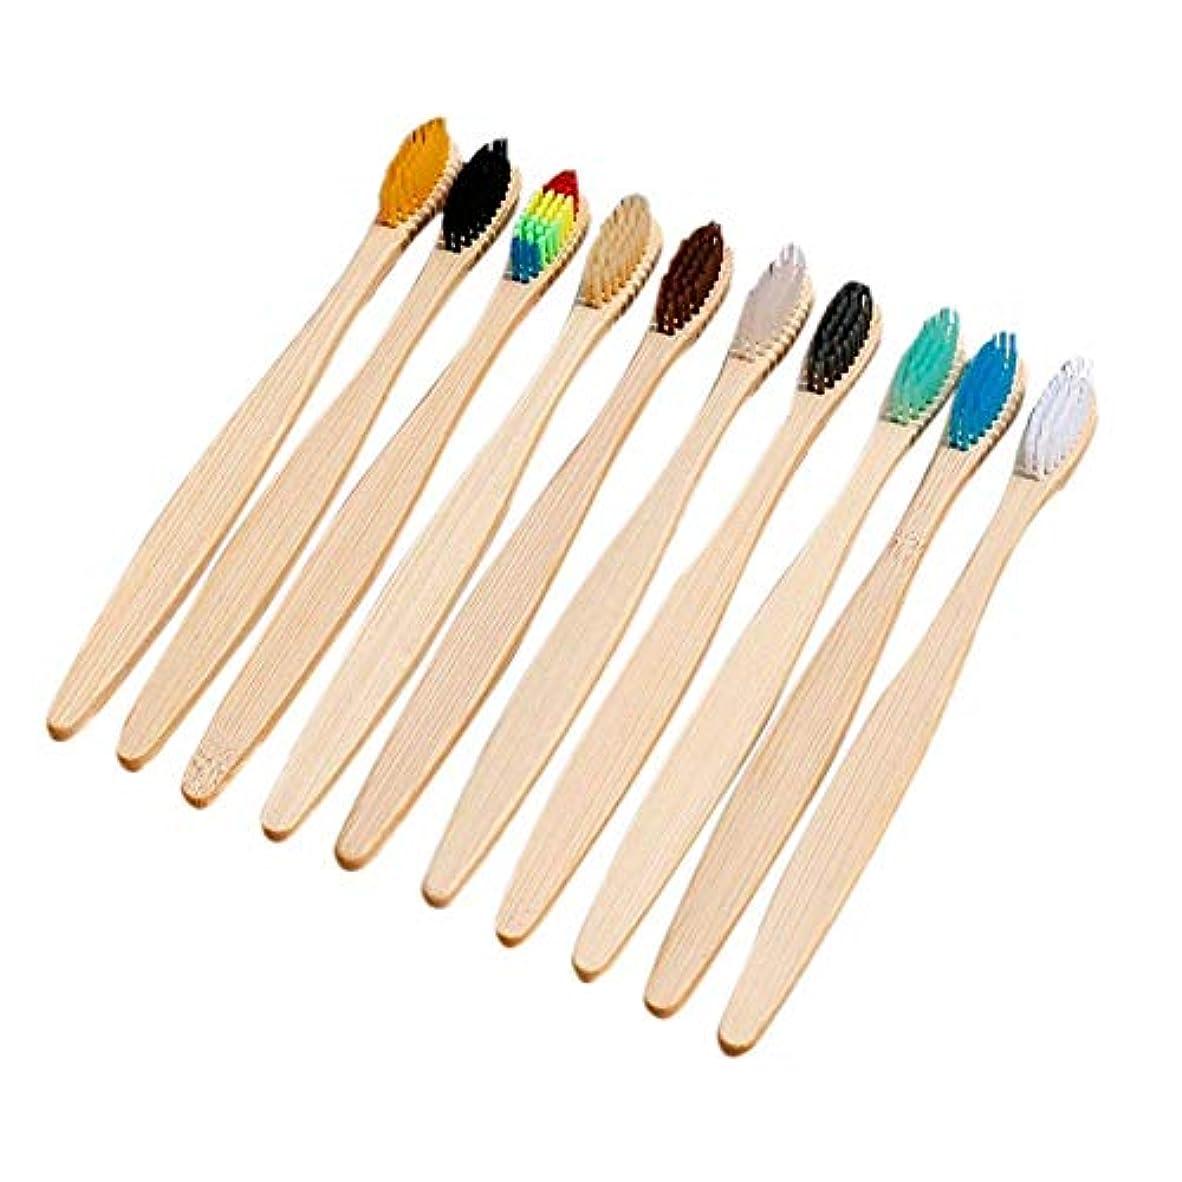 快適創始者ラックMing-Dian 柔らかい毛の大人の歯ブラシ口腔ケアのために環境に優しい竹の歯ブラシ